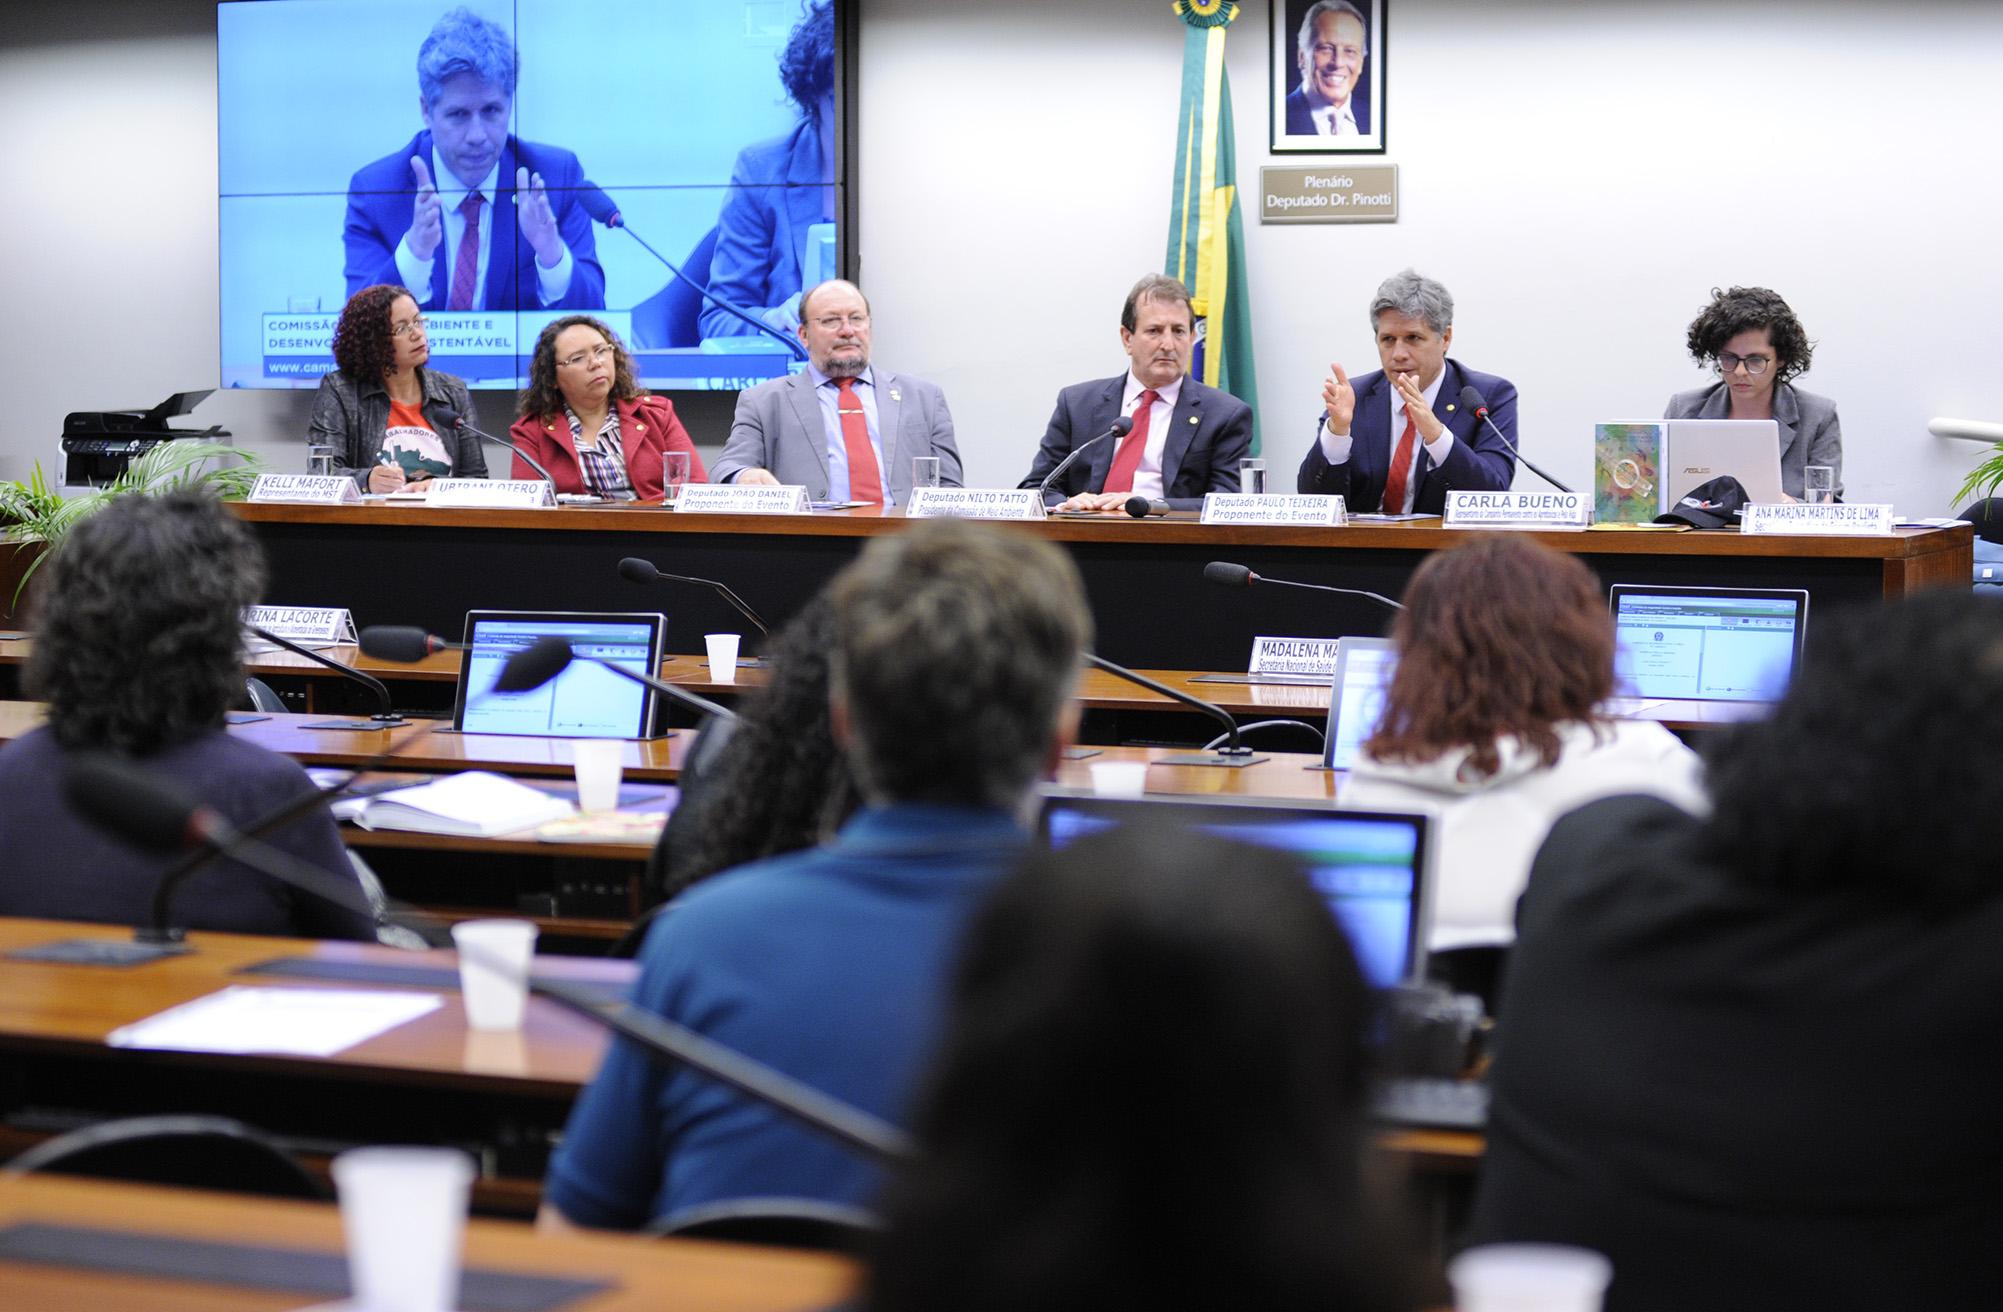 Audiência pública sobre os efeitos dos agrotóxicos no meio ambiente e na saúde